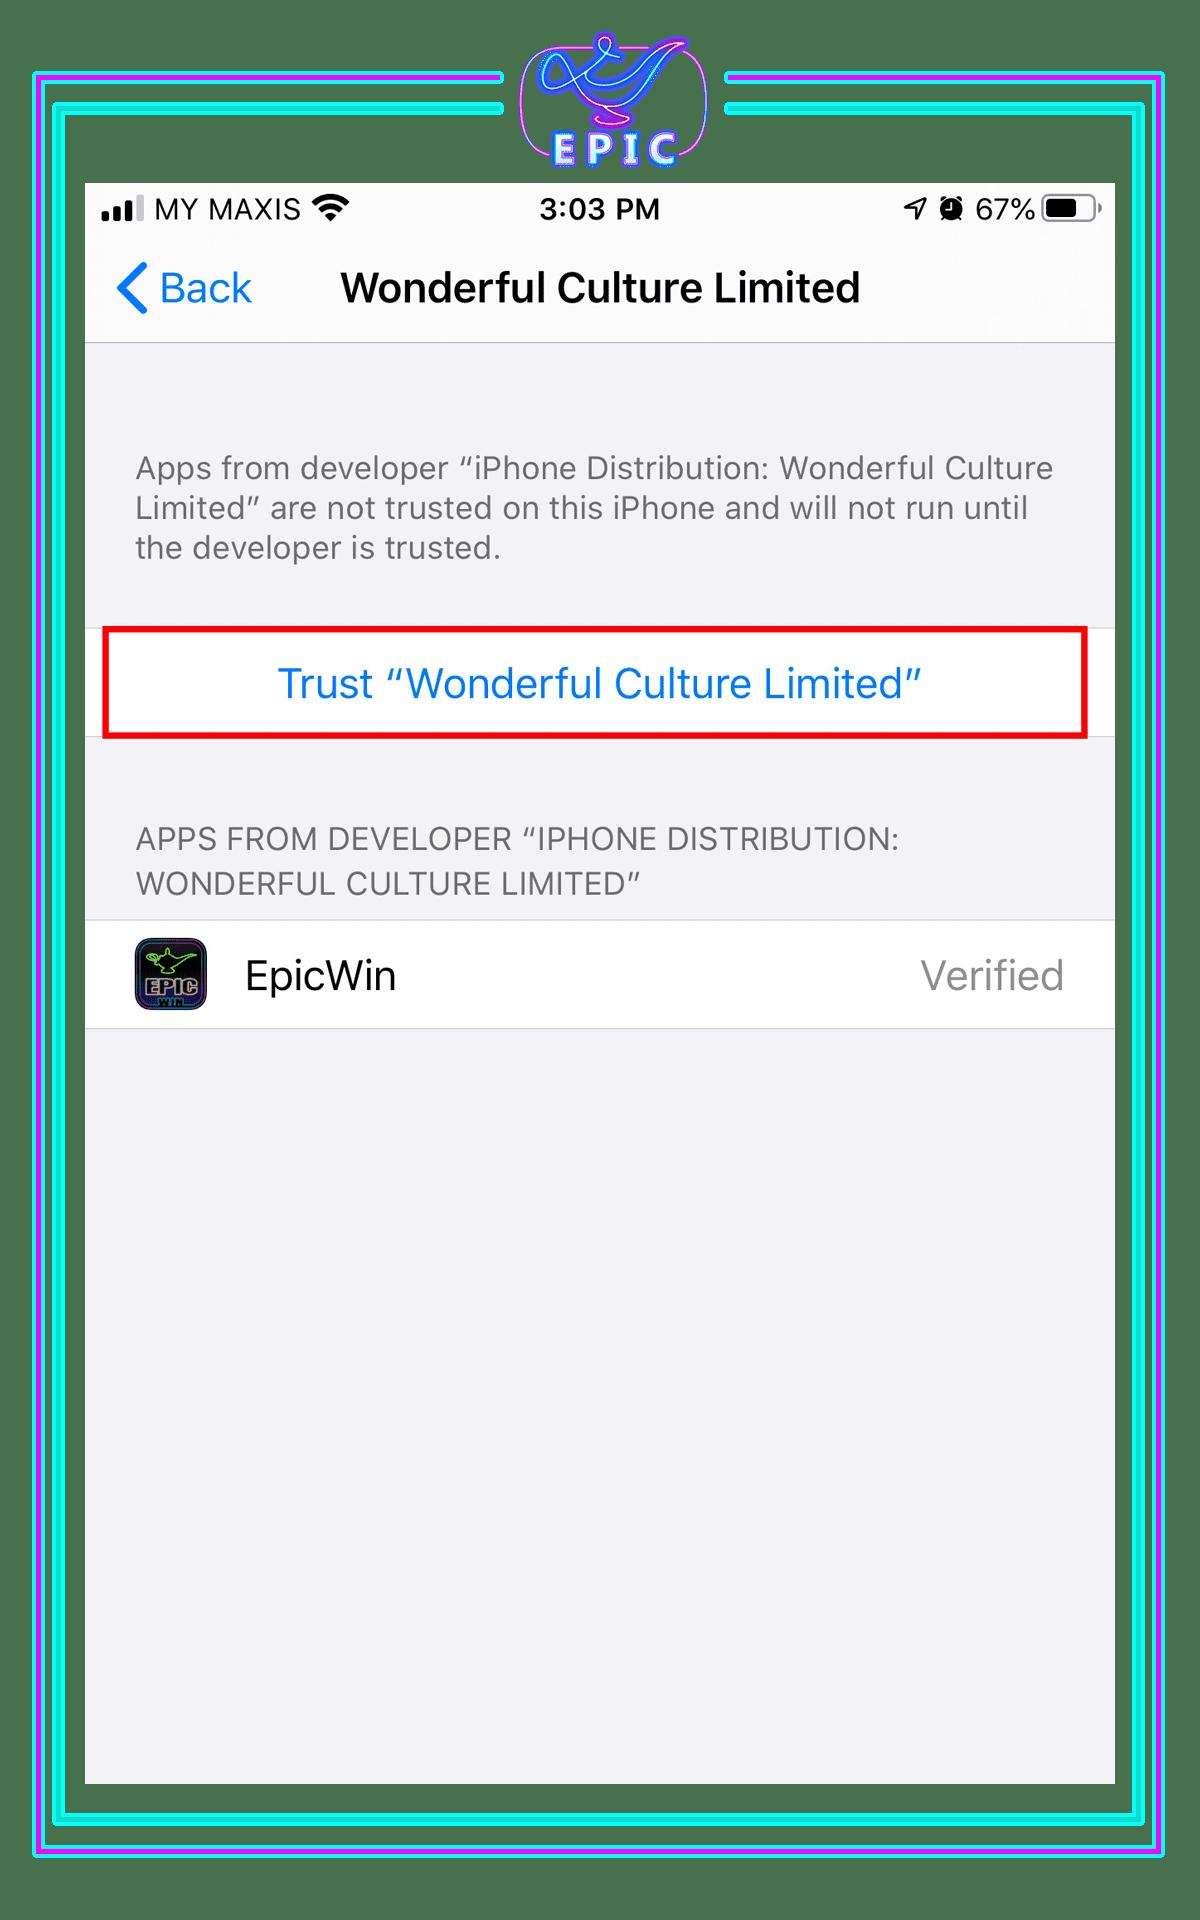 donwload Epicwin-ดาวน์โหลด Epicwin-สมัครEpicwin-ทางเข้าepicwin 5